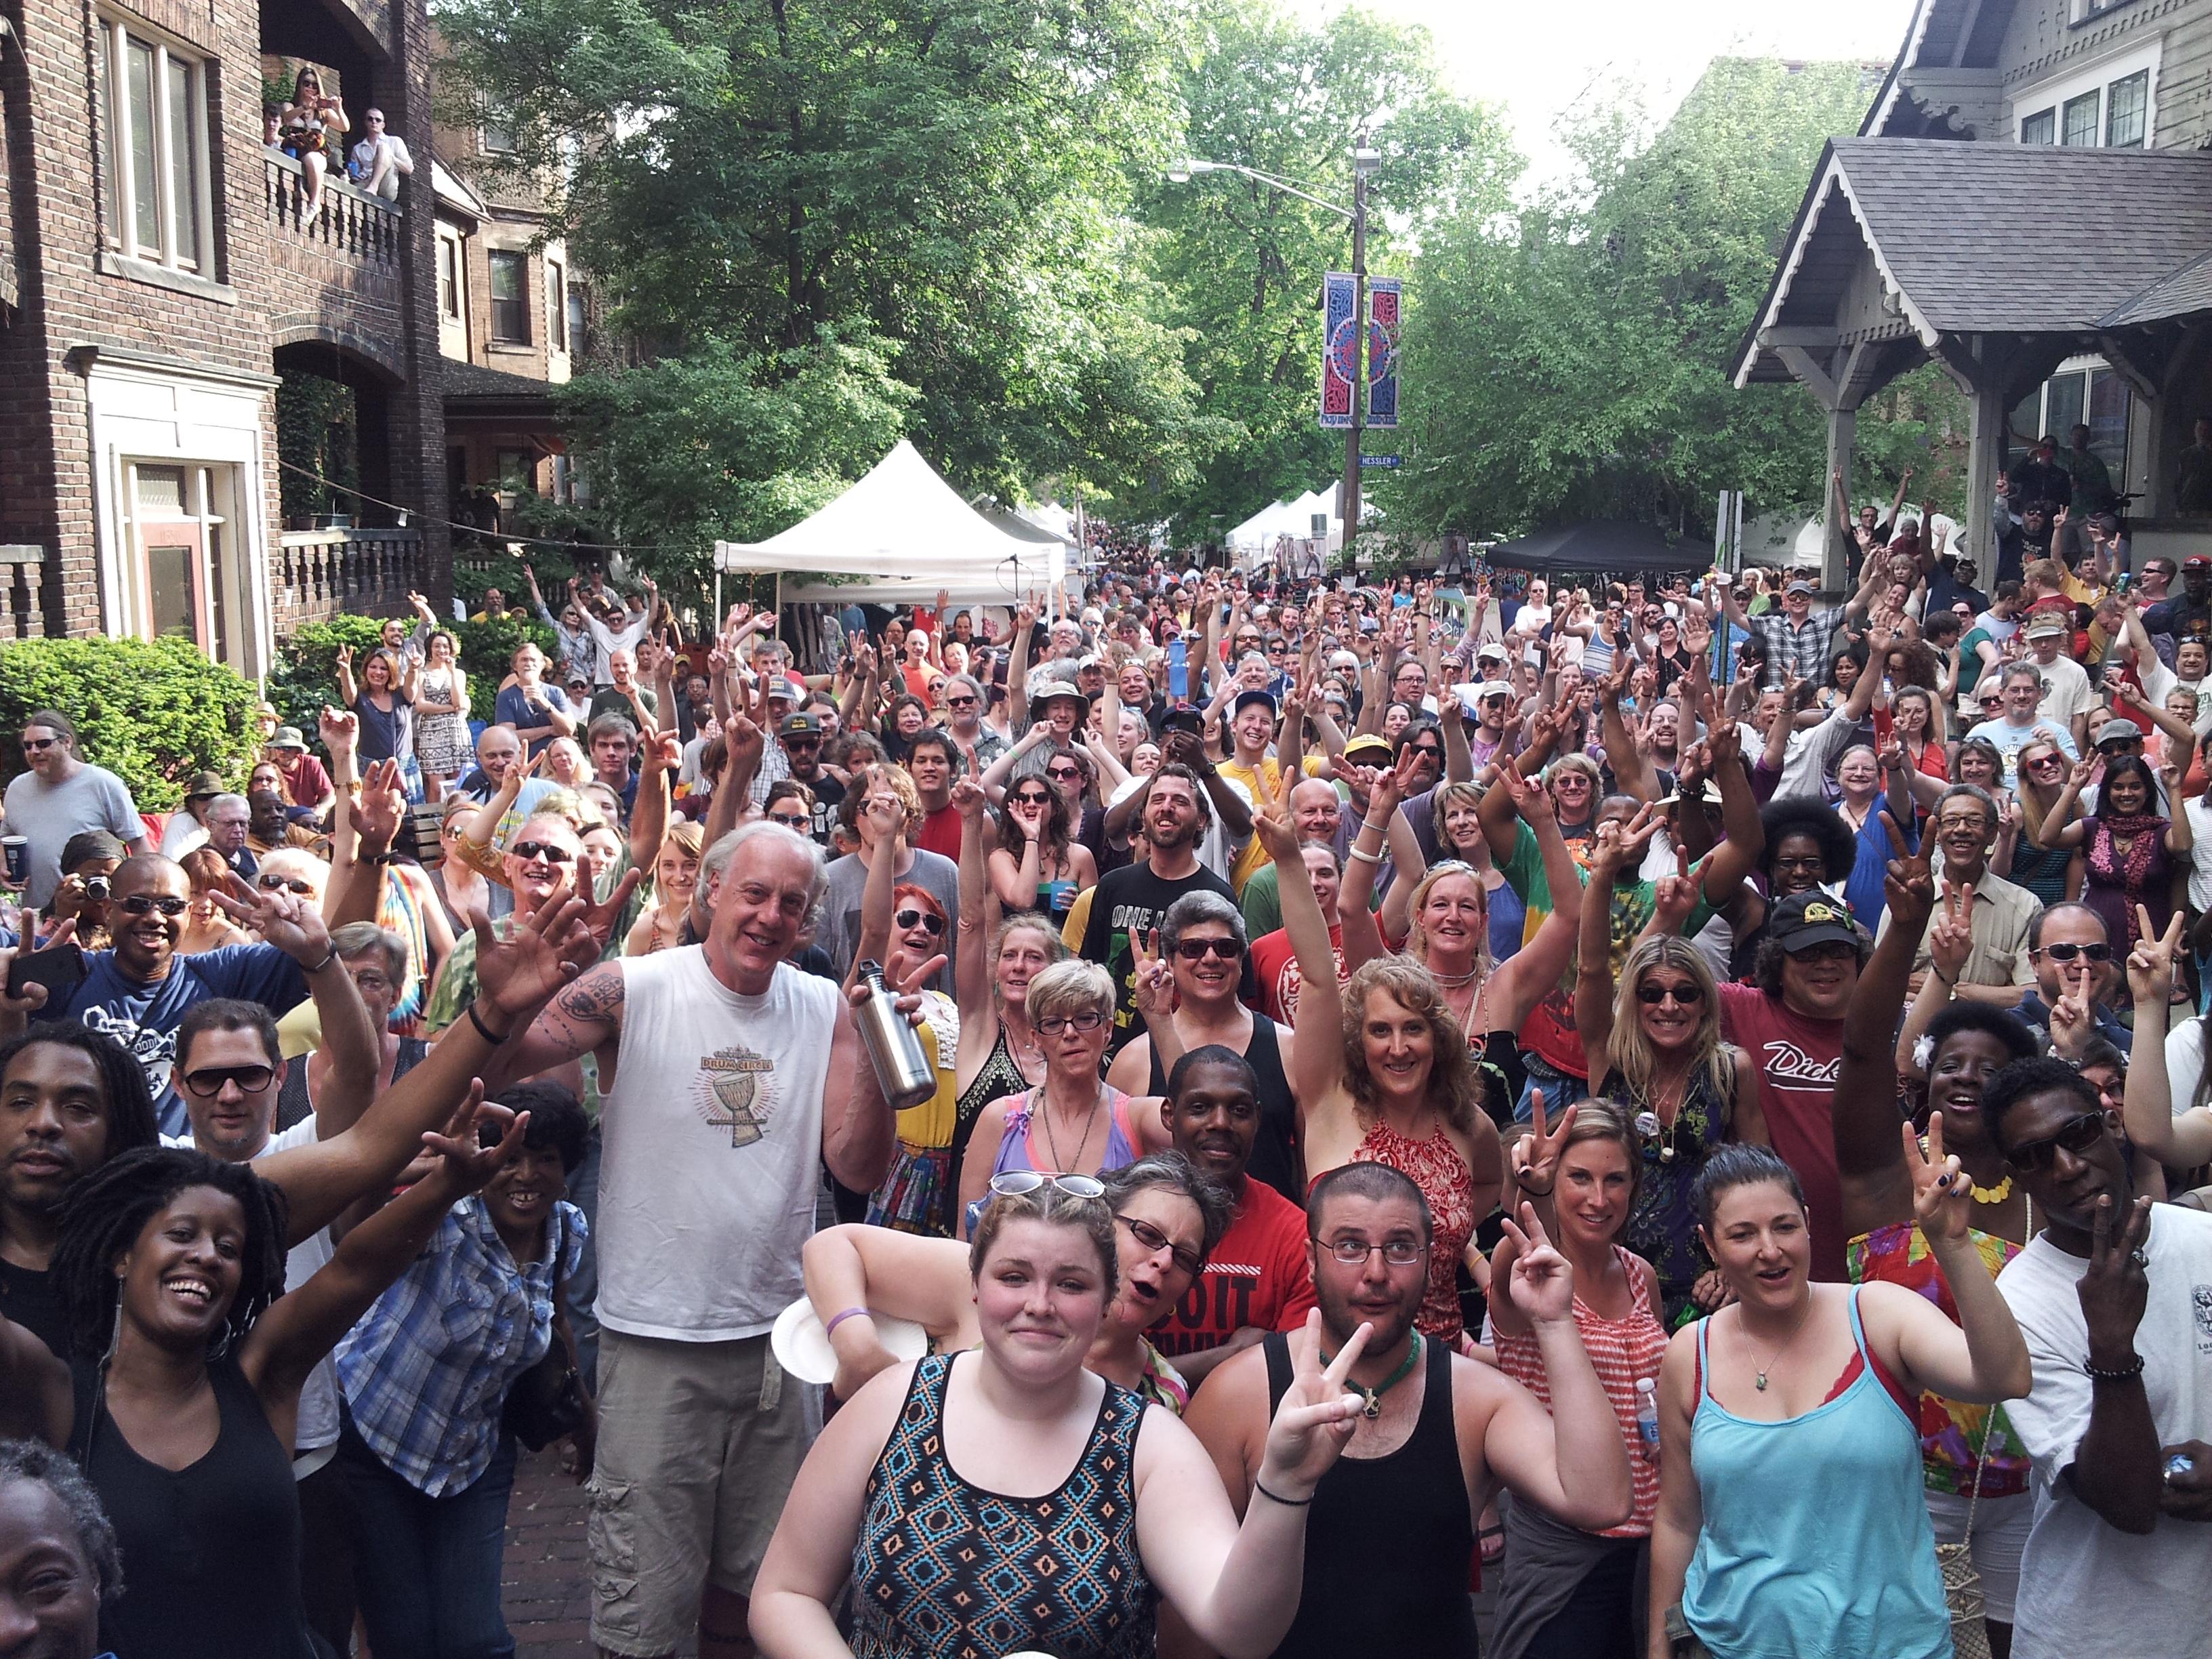 hessler crowd 2013.jpg